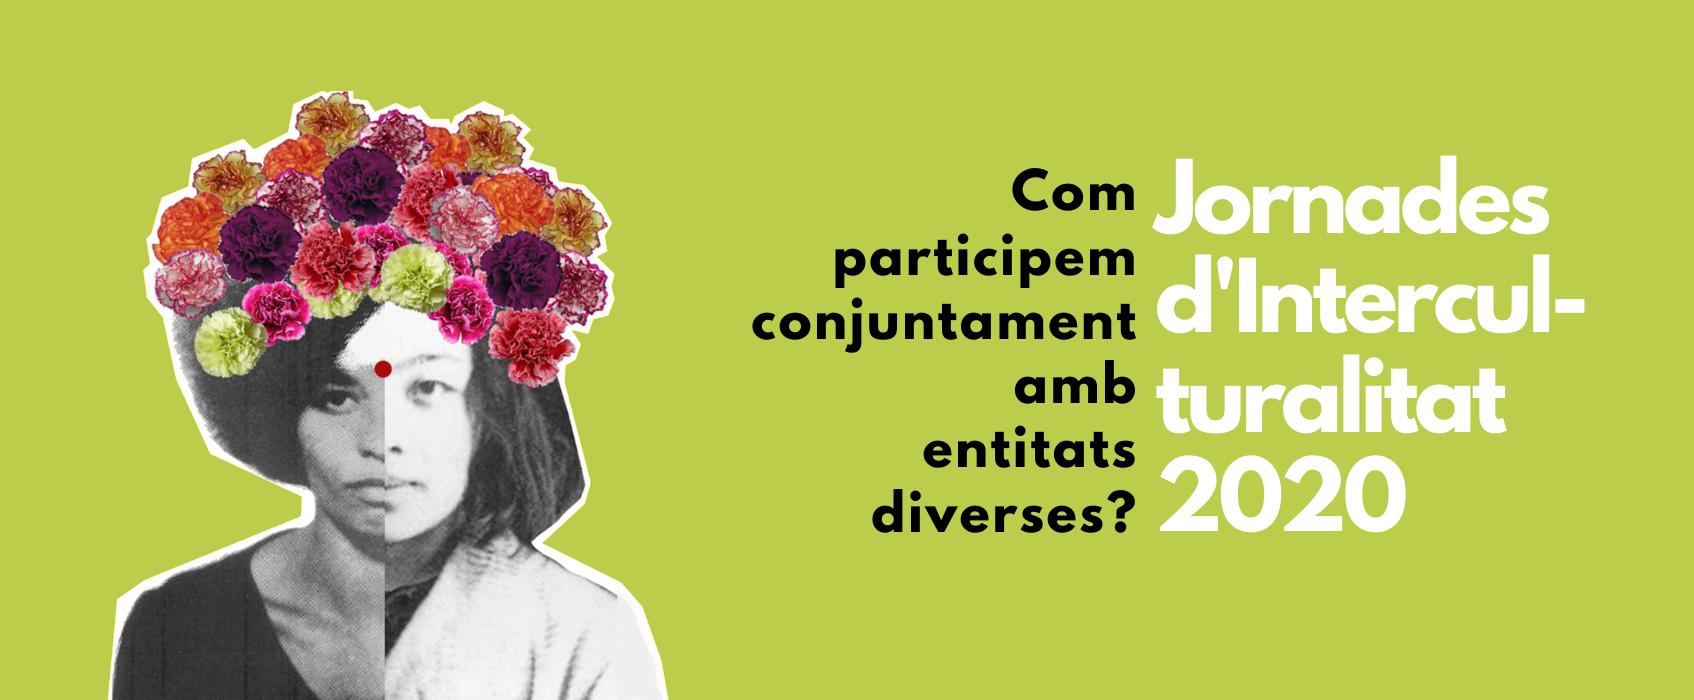 Jornades Interculturalitat